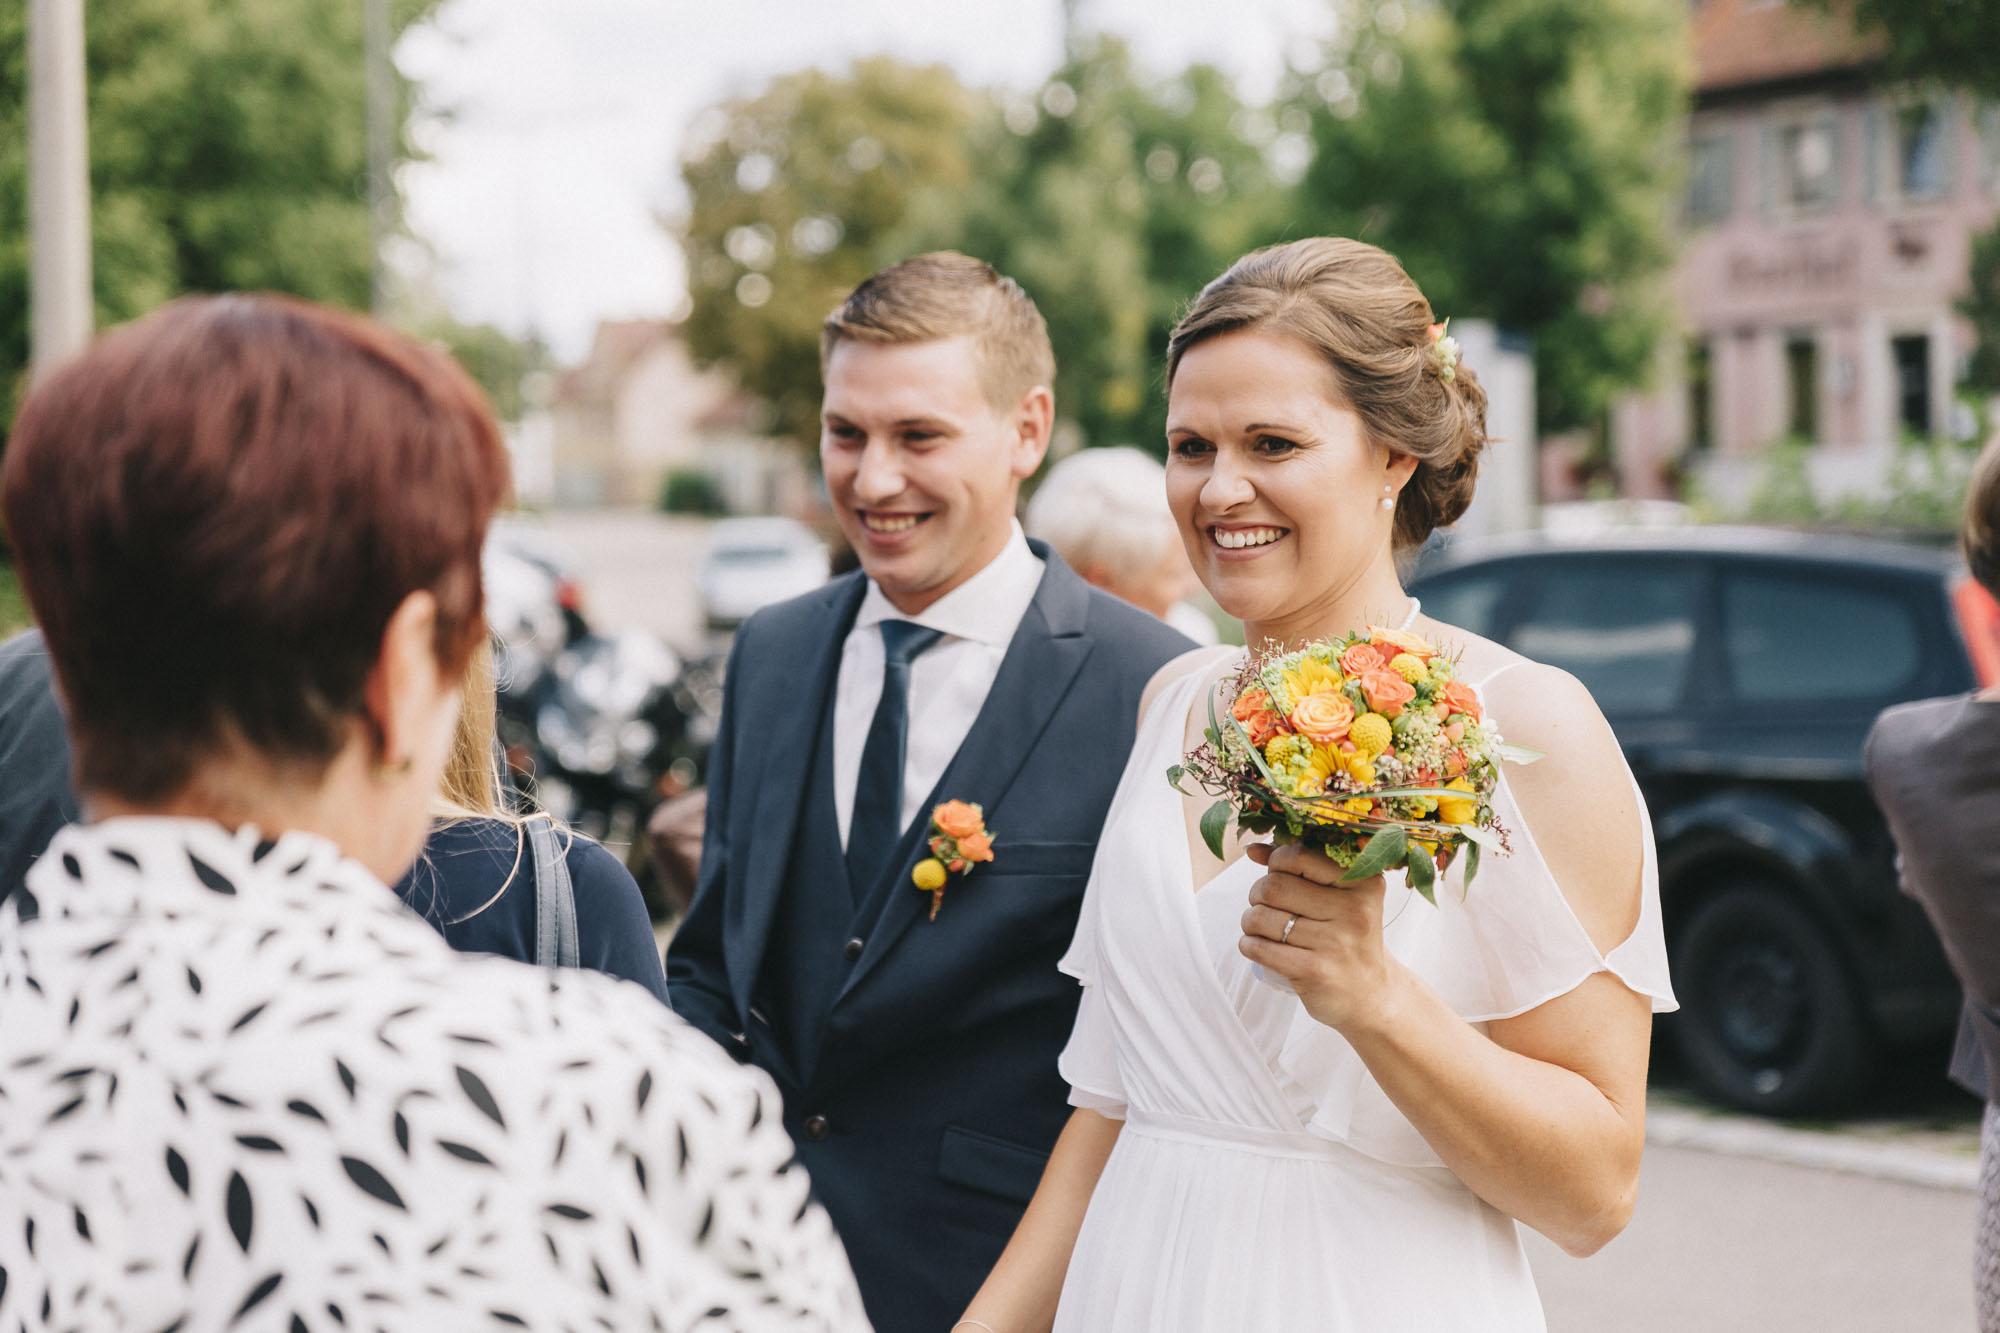 Hochzeitsreportage-Crailsheim-Krystina-Stefan-53